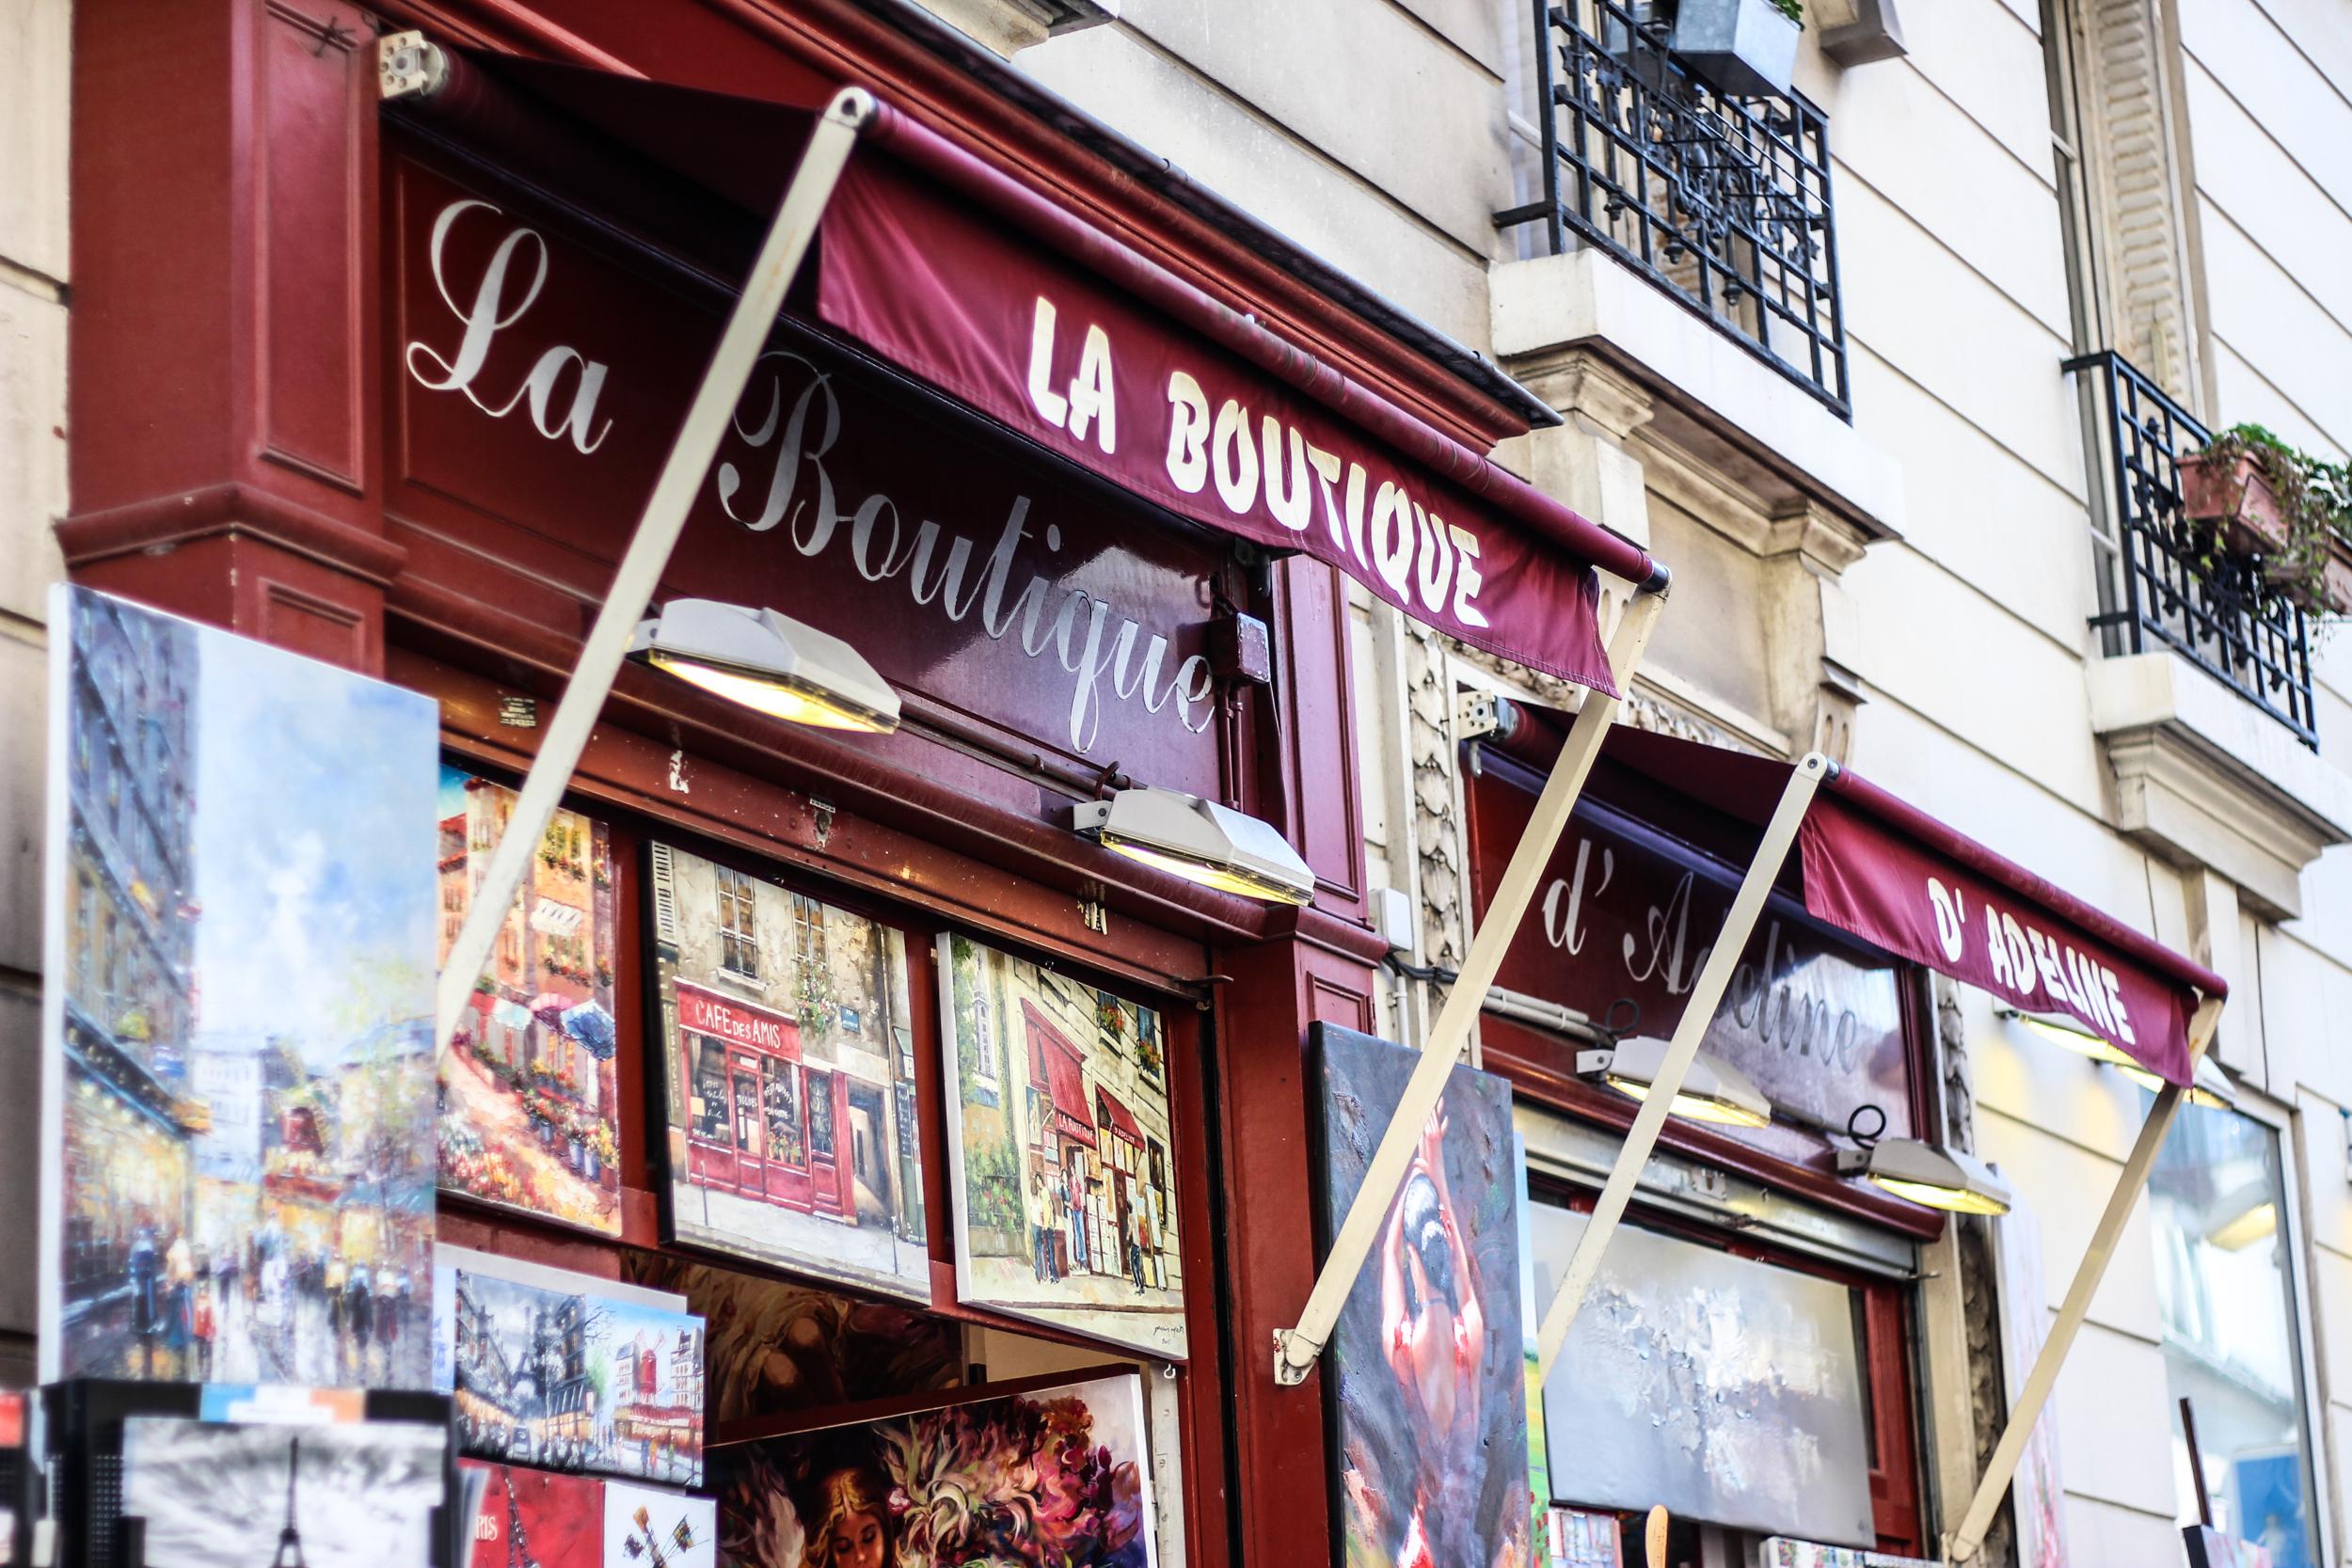 franziska-elea-blogger-aus-muenchen-fashionblog-travel-paris-montmatre-kuenstlerviertel-pariser-fassade-sehenswuerdigkeiten-laden-kunstladen-kunst_